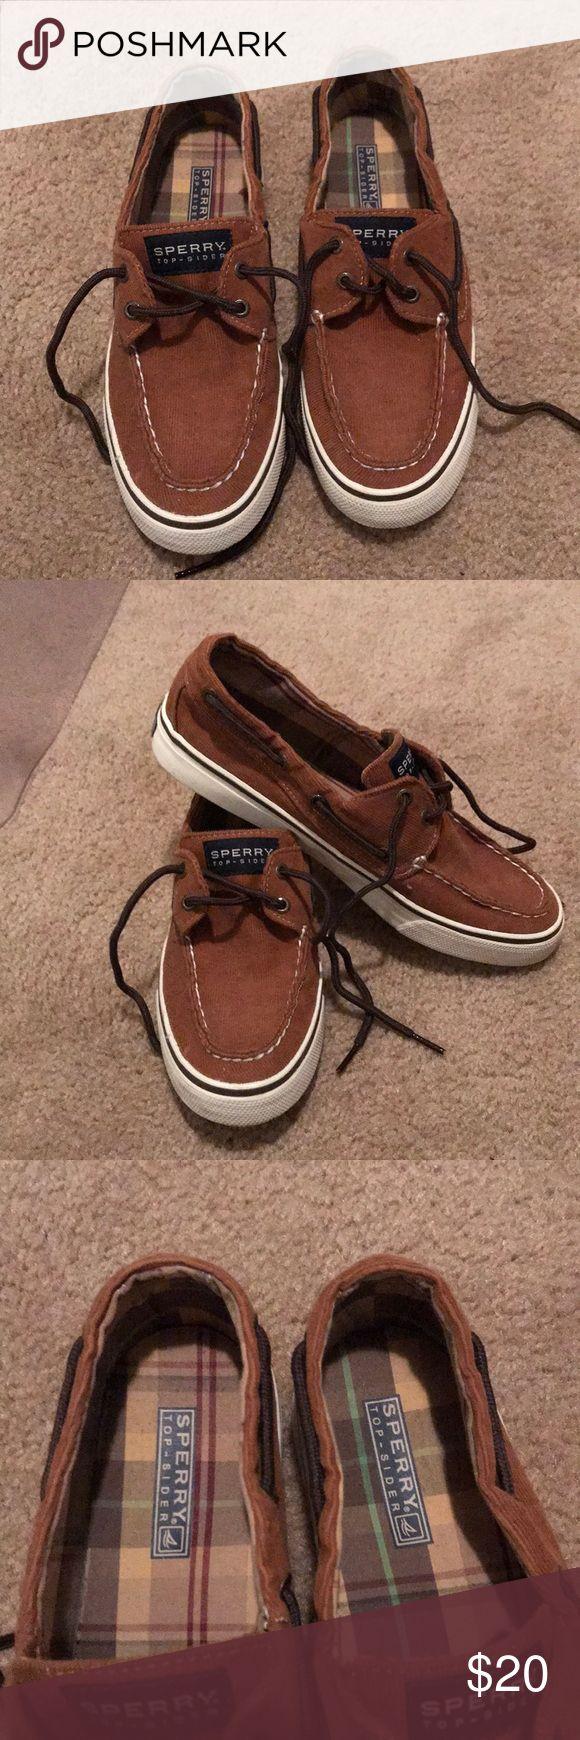 Sperry Top-Sider shoes Sperry Top-sider shoes. Brown corduroy with dark brown shoe strings. Barely worn. Sperry Top-Sider Shoes Flats & Loafers